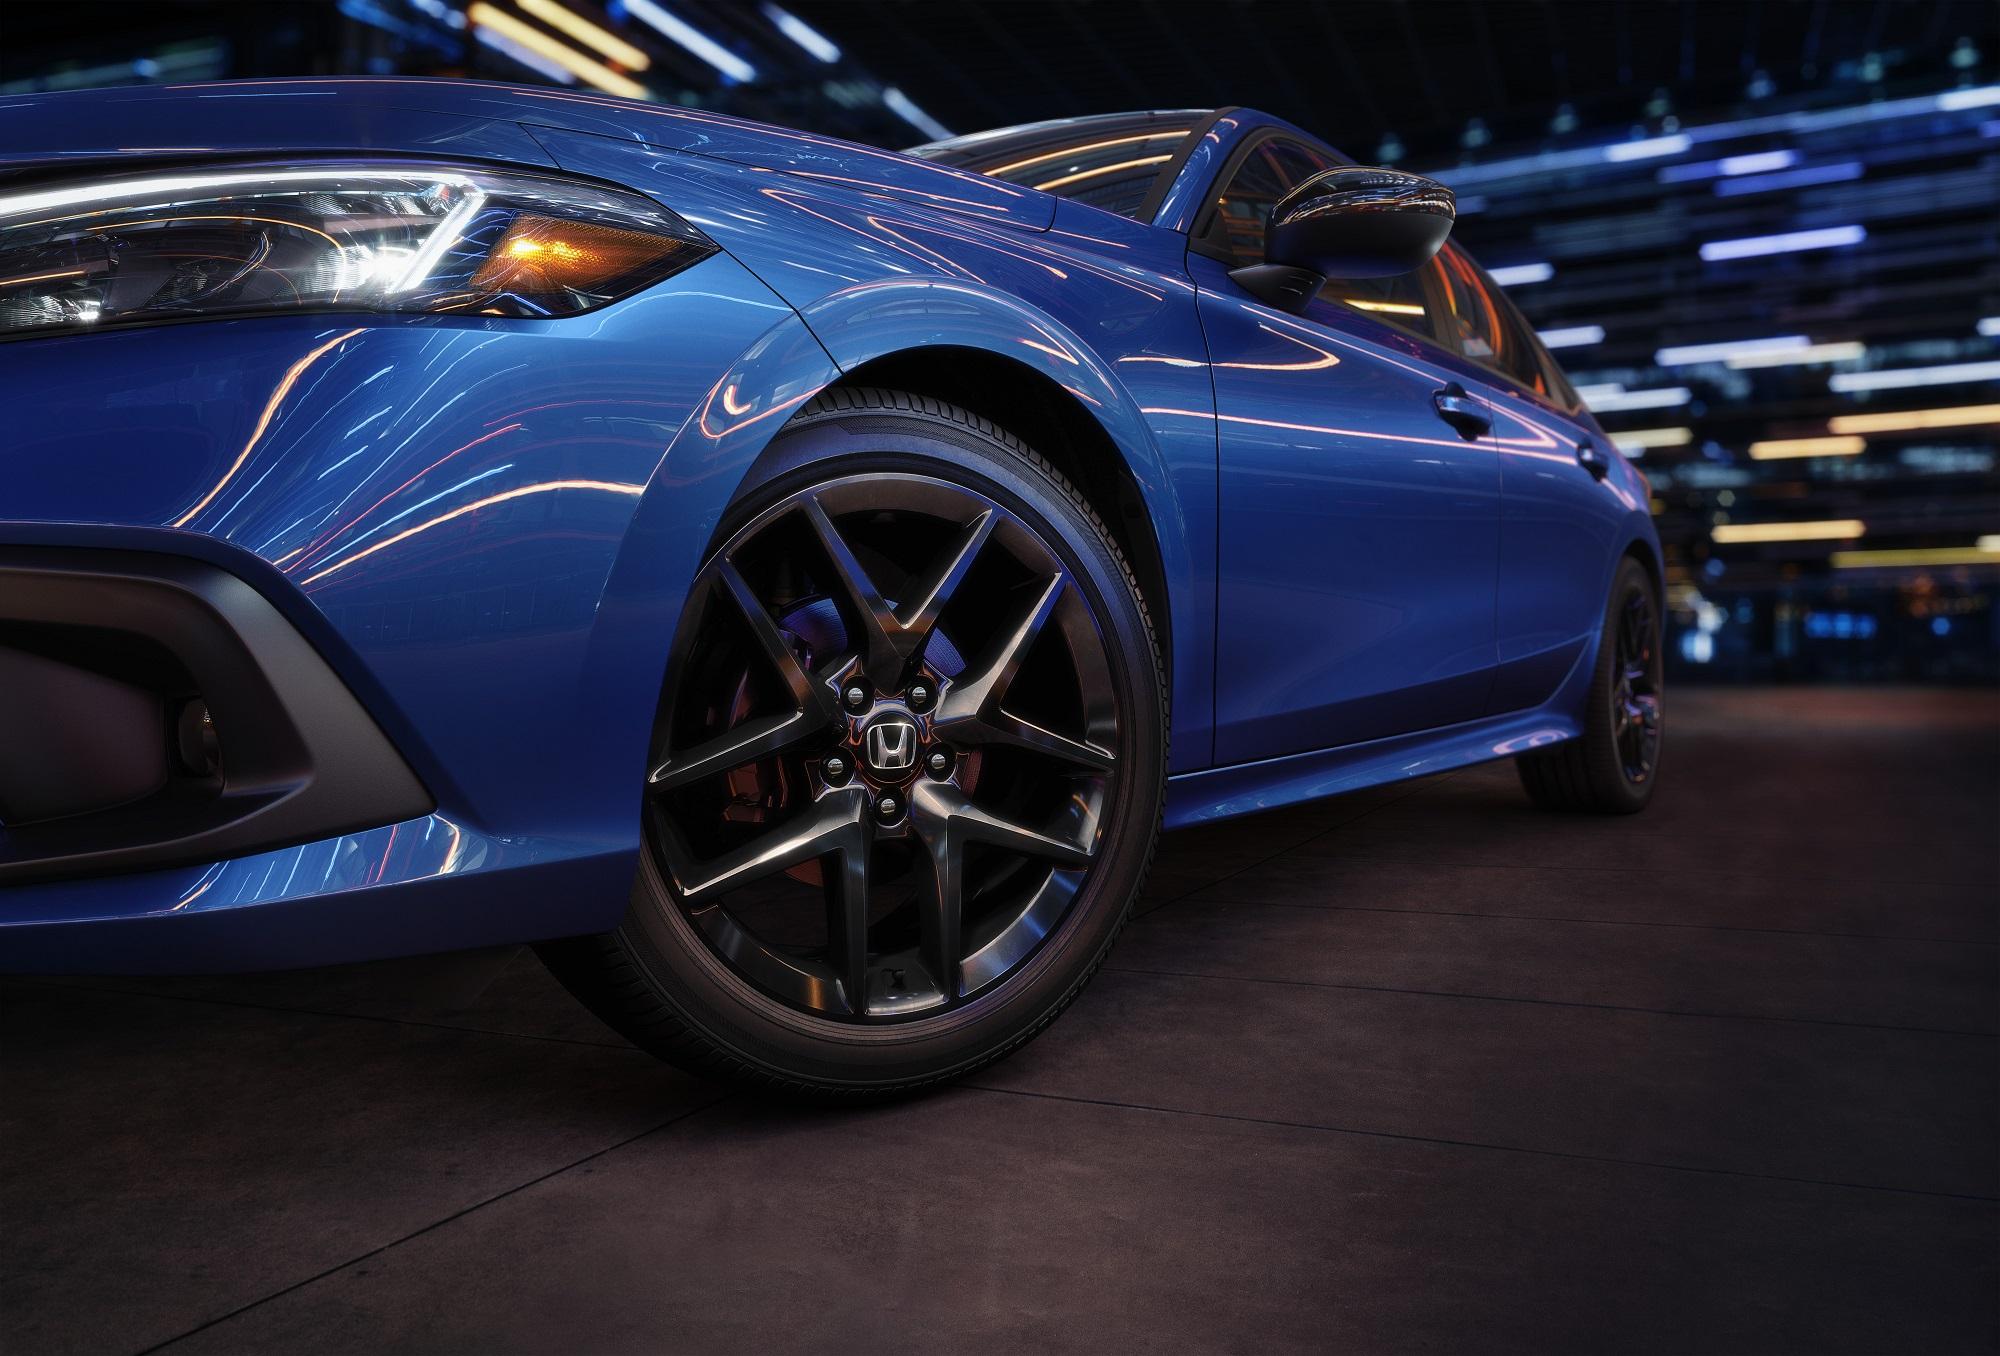 2022 Honda Civic Sedan Sport azul detalhe das rodas